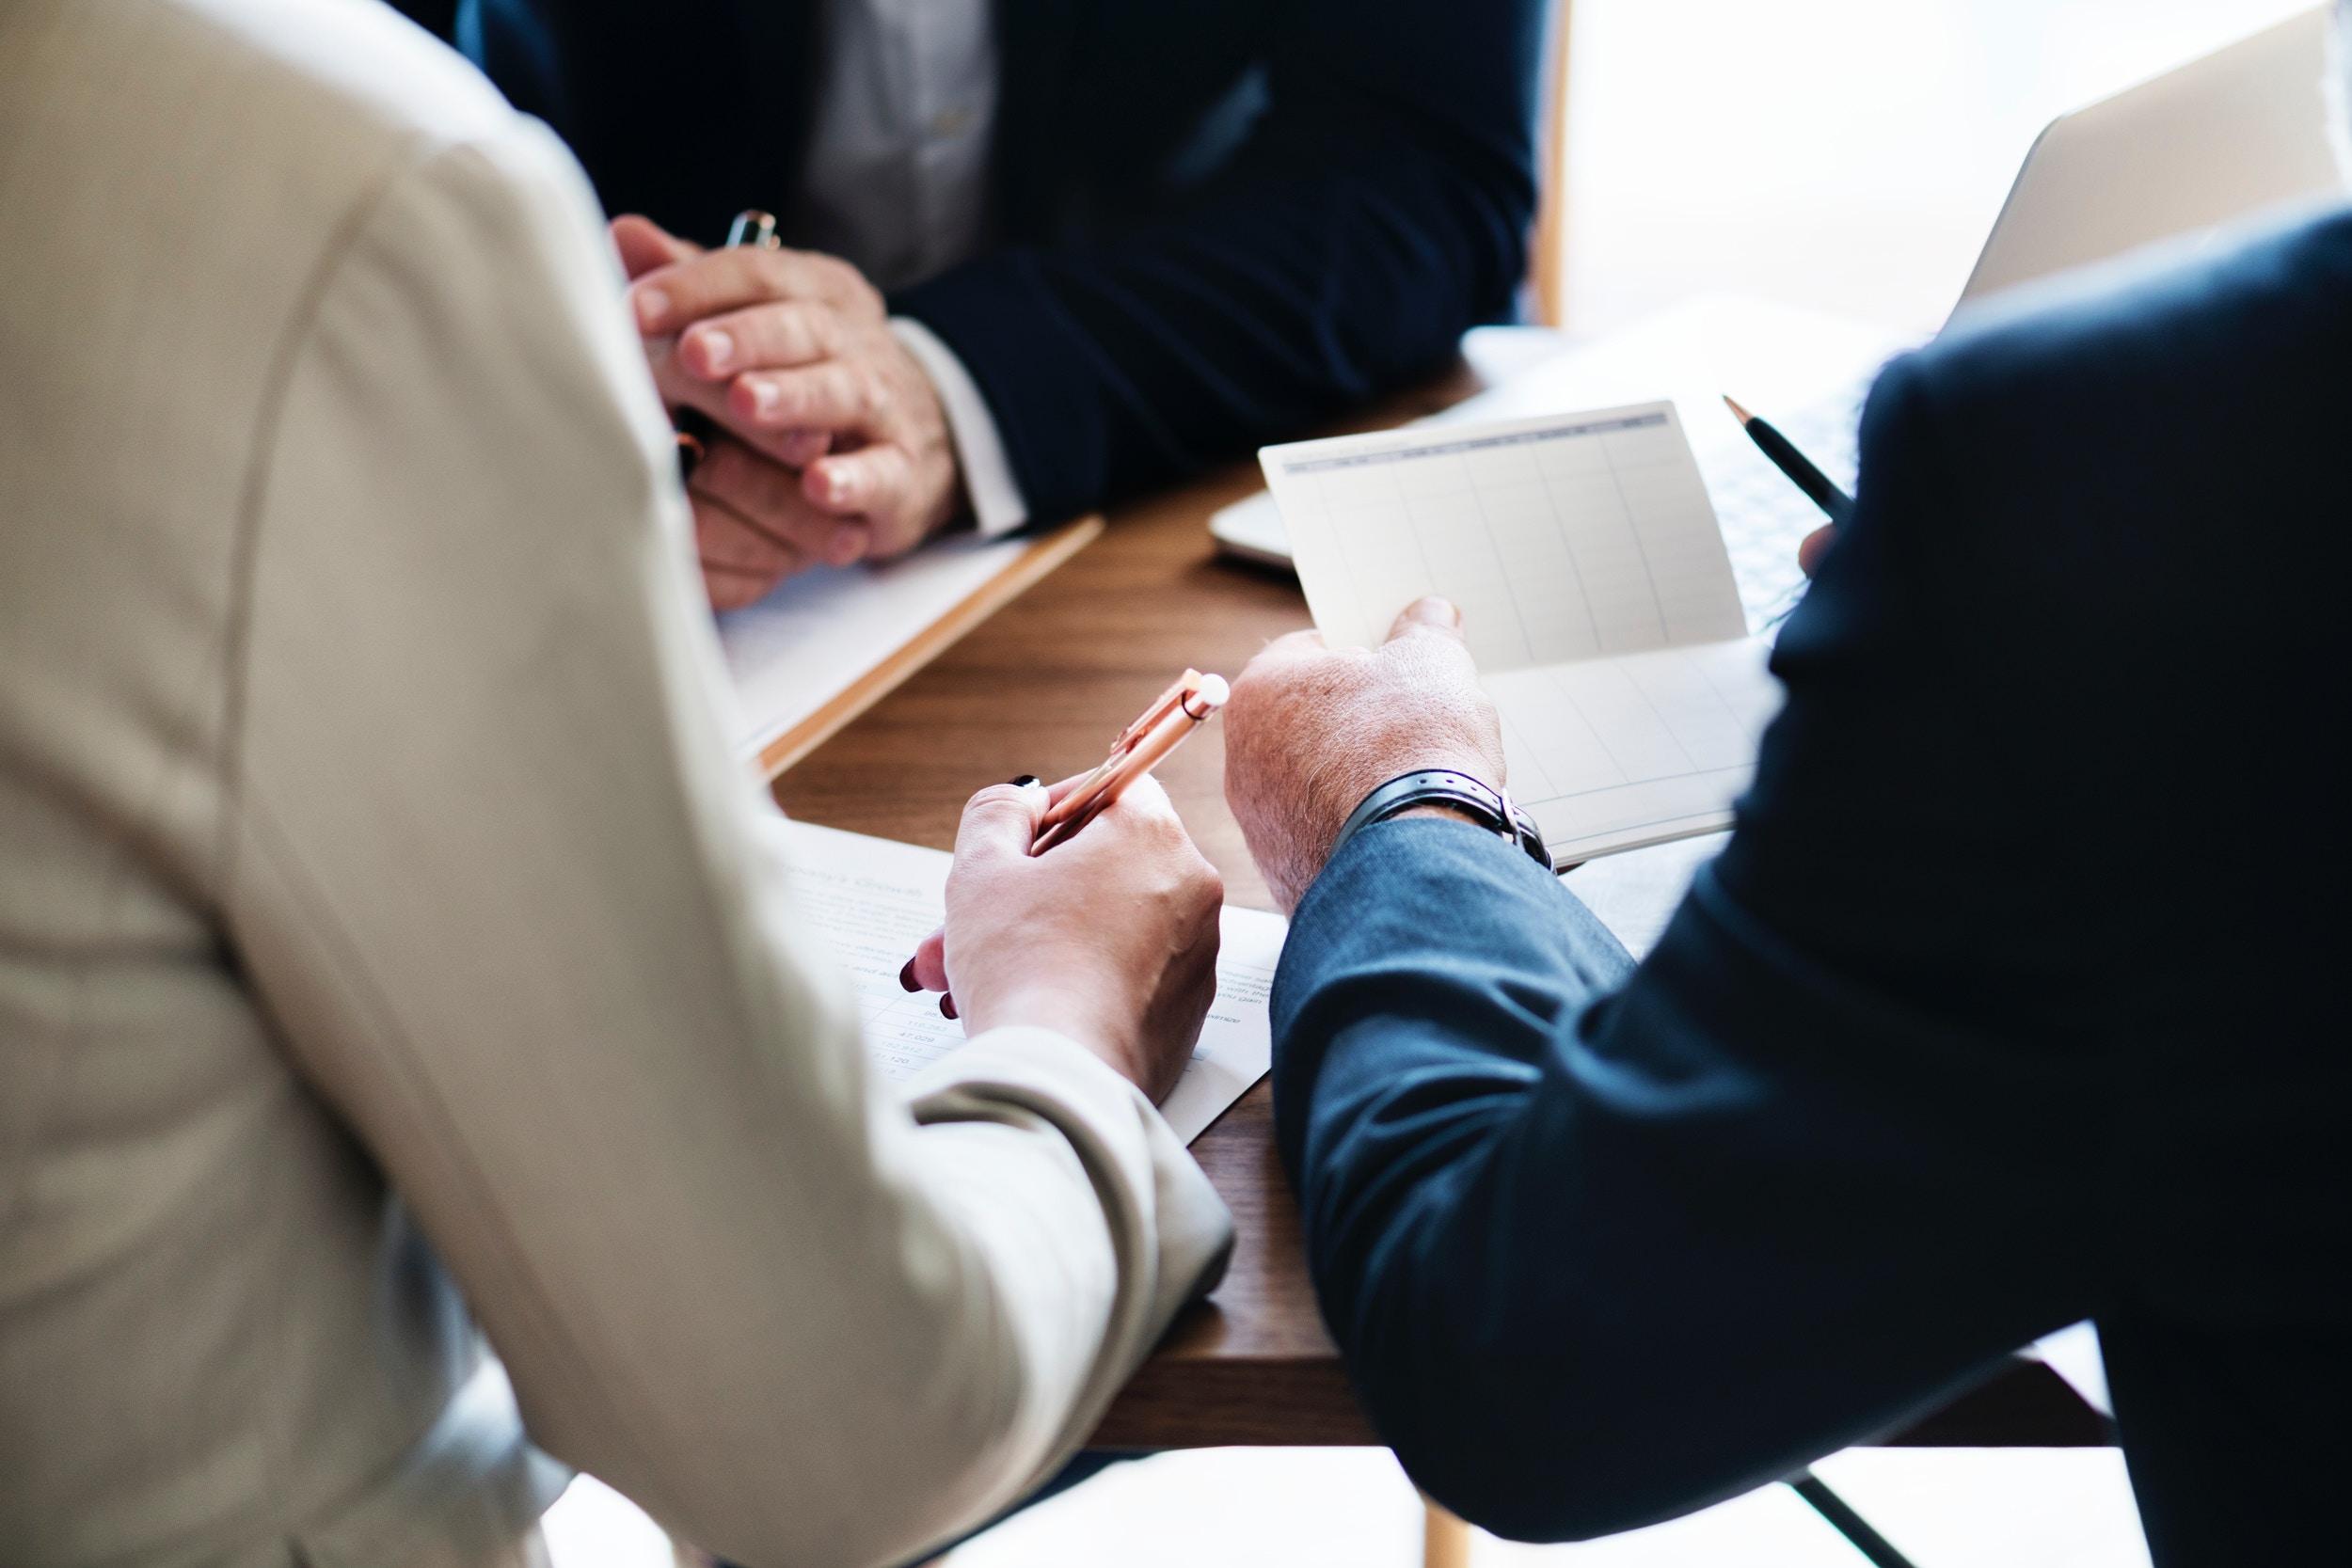 Divorcio por Escritura ante Notario Photo by rawpixel on Unsplash Divorcio ante Notario Puerto Rico